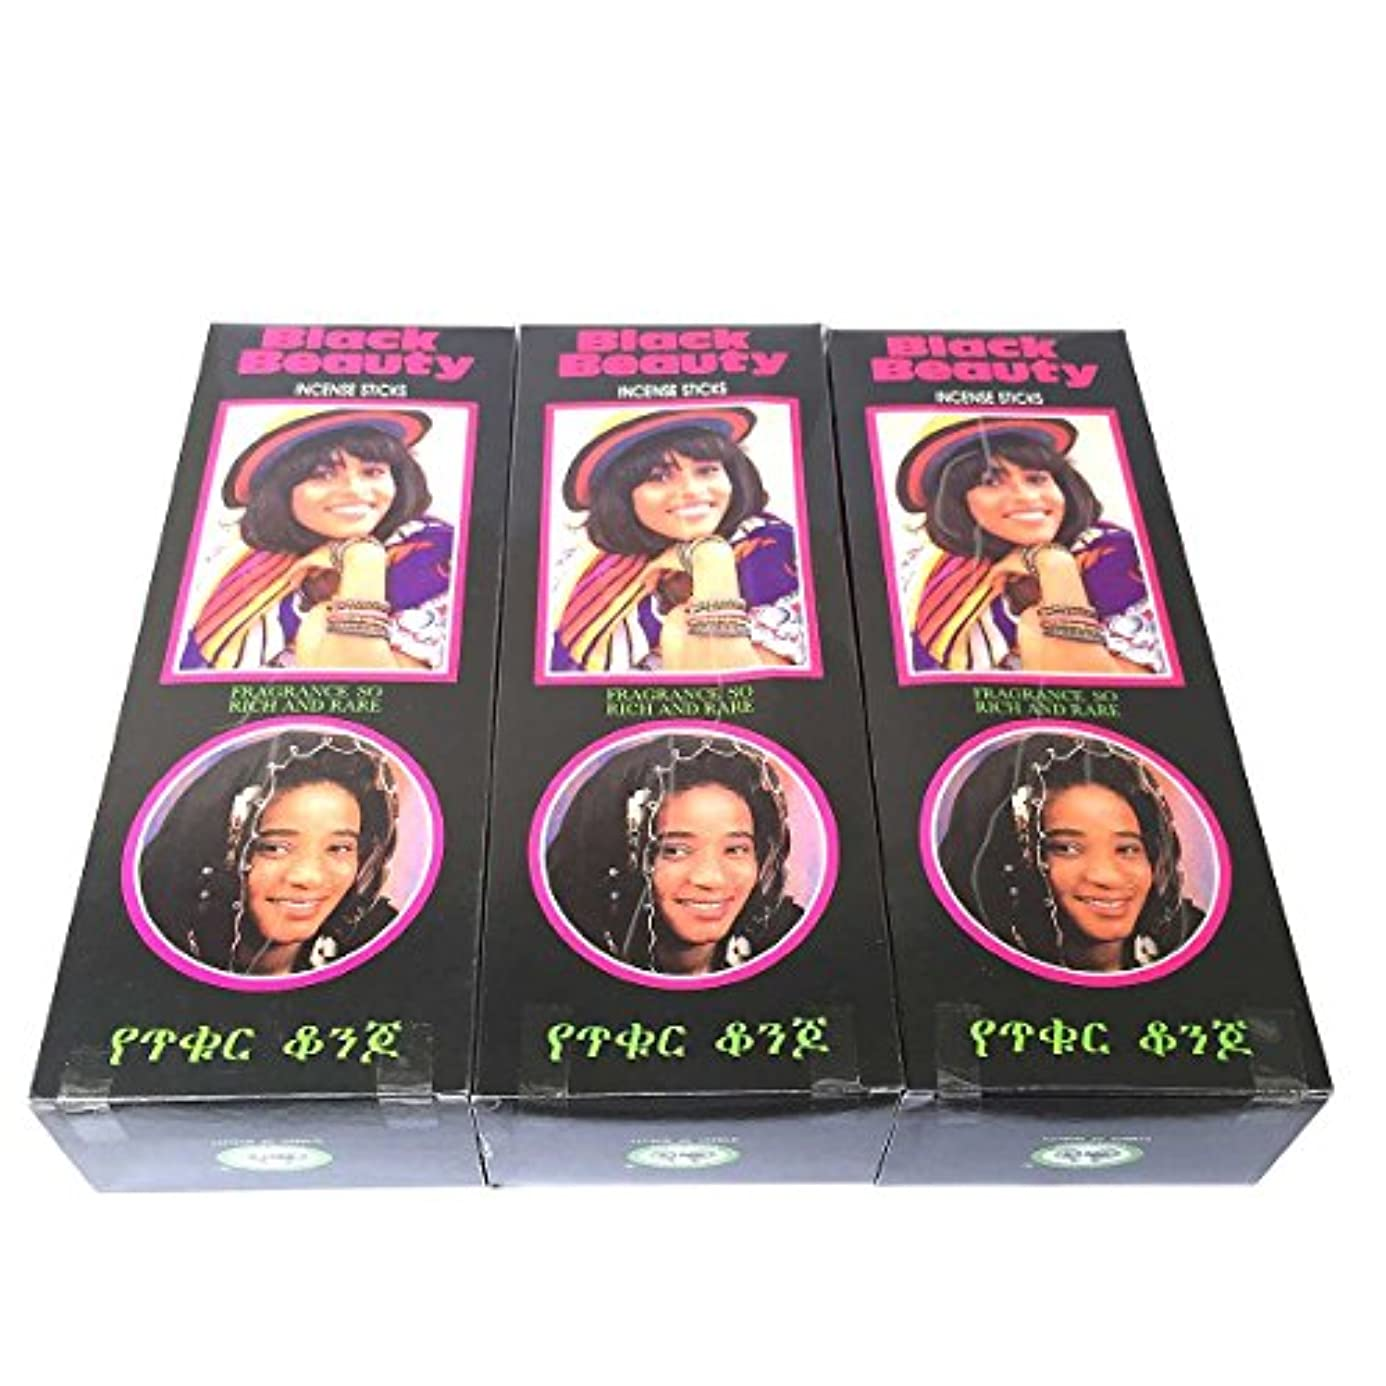 固体ミルクうまくやる()ブラックビューティー香スティック 3BOX(18箱) /CYCLE BLACK BEAUTY/インセンス/インド香 お香 [並行輸入品]